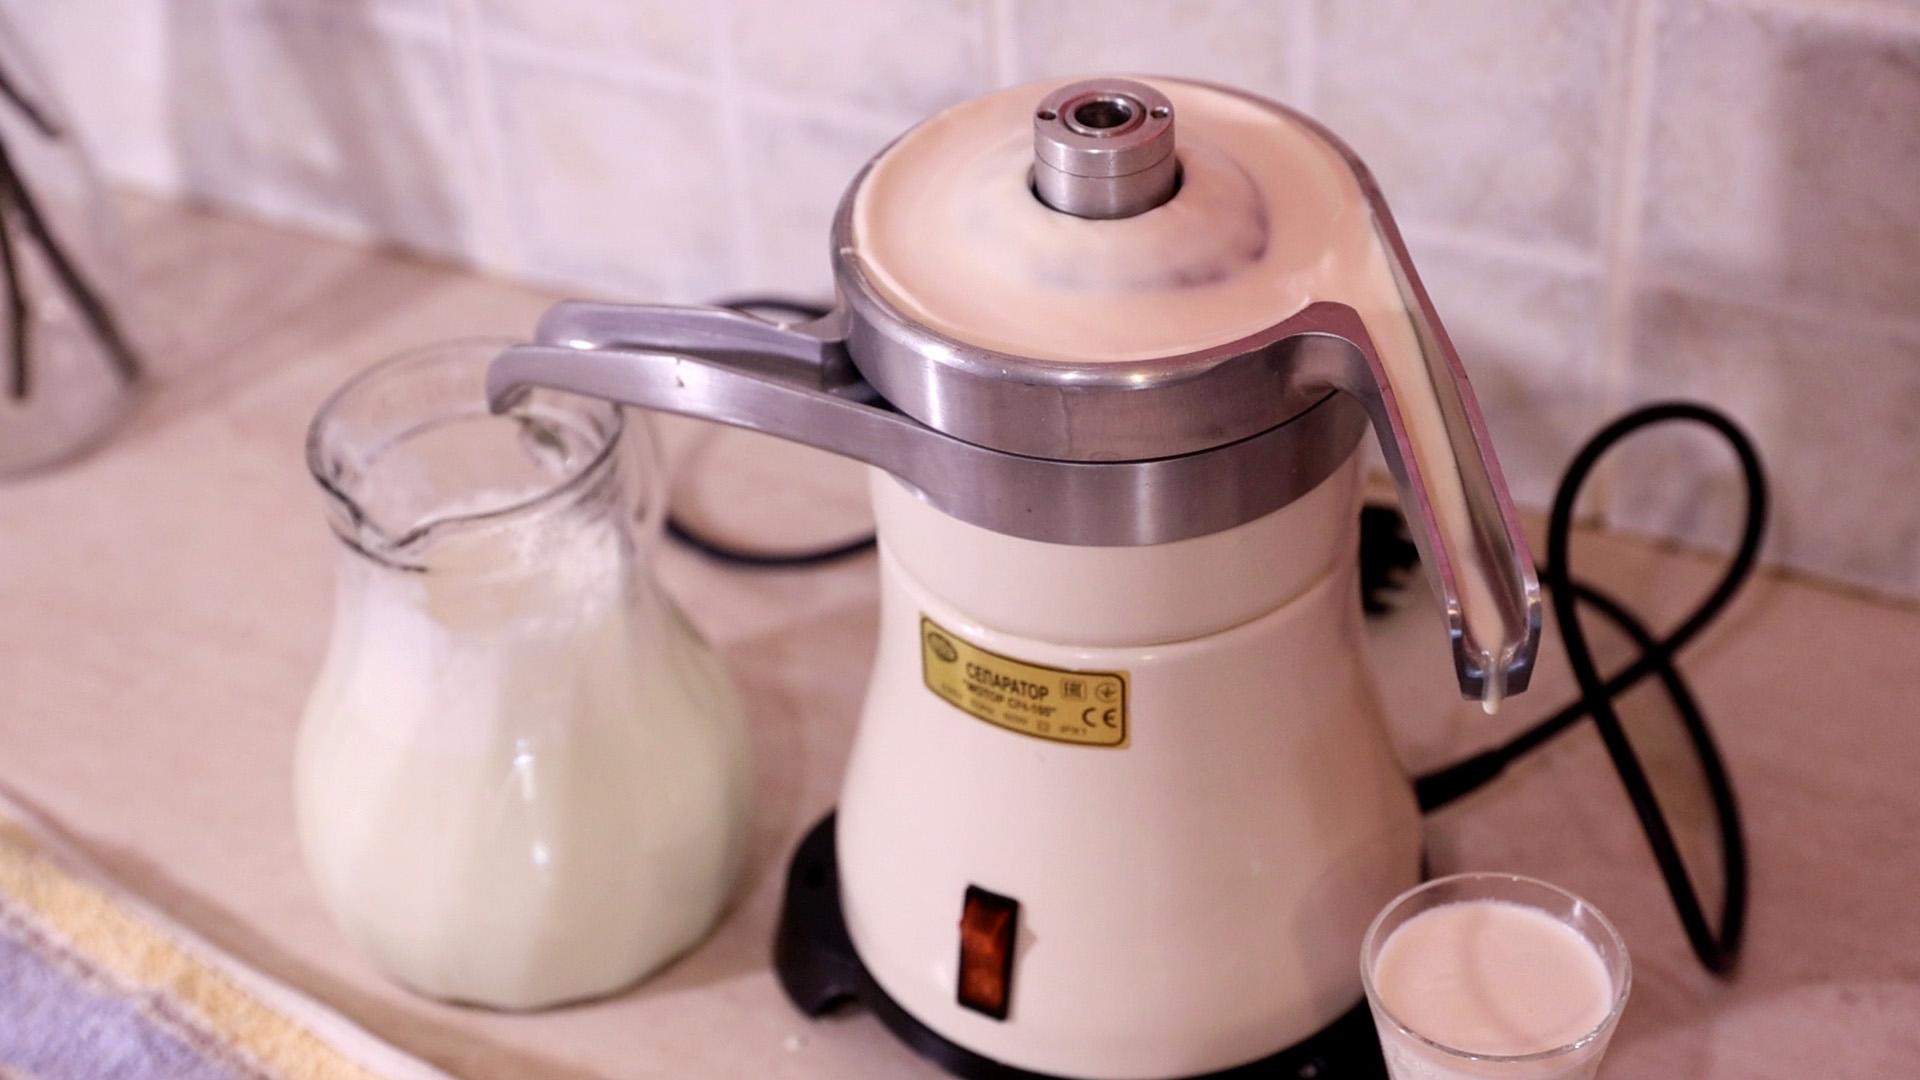 πρωτοσέλιδο - Κορυφολόγος γάλακτος - Τι πρέπει να γνωρίζουν οι ενδιαφερόμενοι